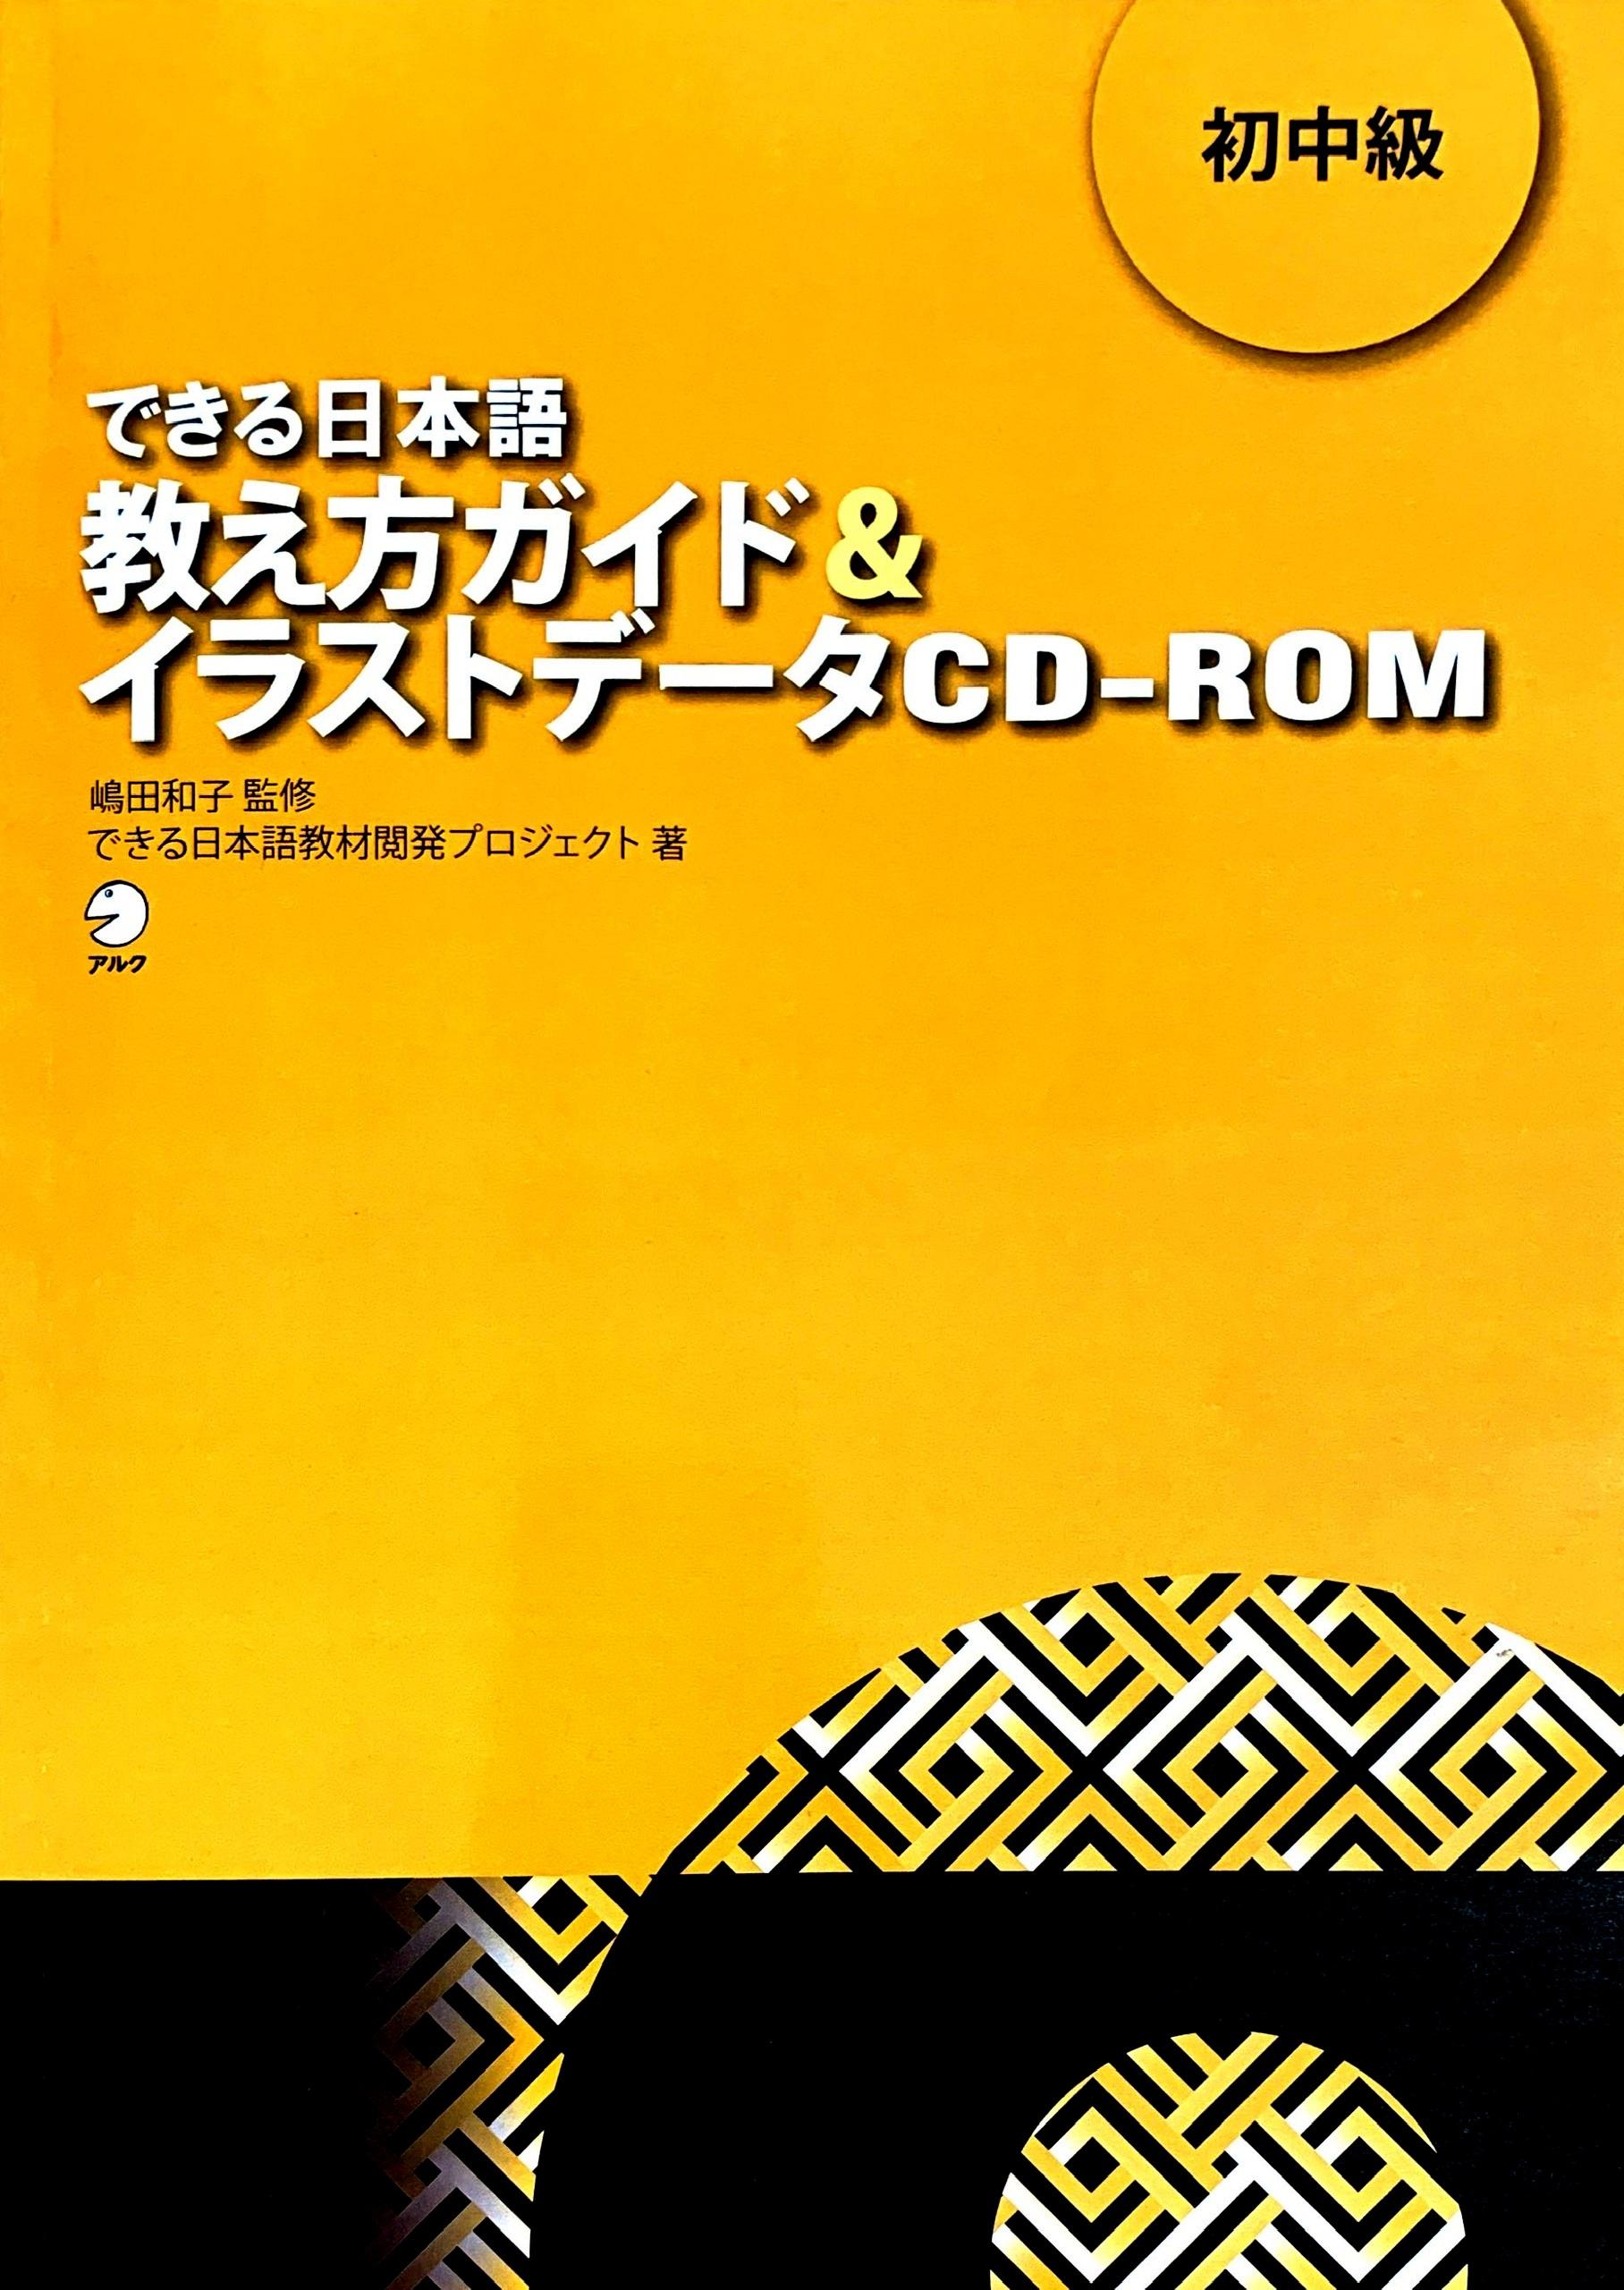 Lifestyle designGiáo Trình Tiếng Nhật Dekiru Nihongo Sơ Trung Cấp Oshiekata Irasuto (Dành Cho Giáo Viên)